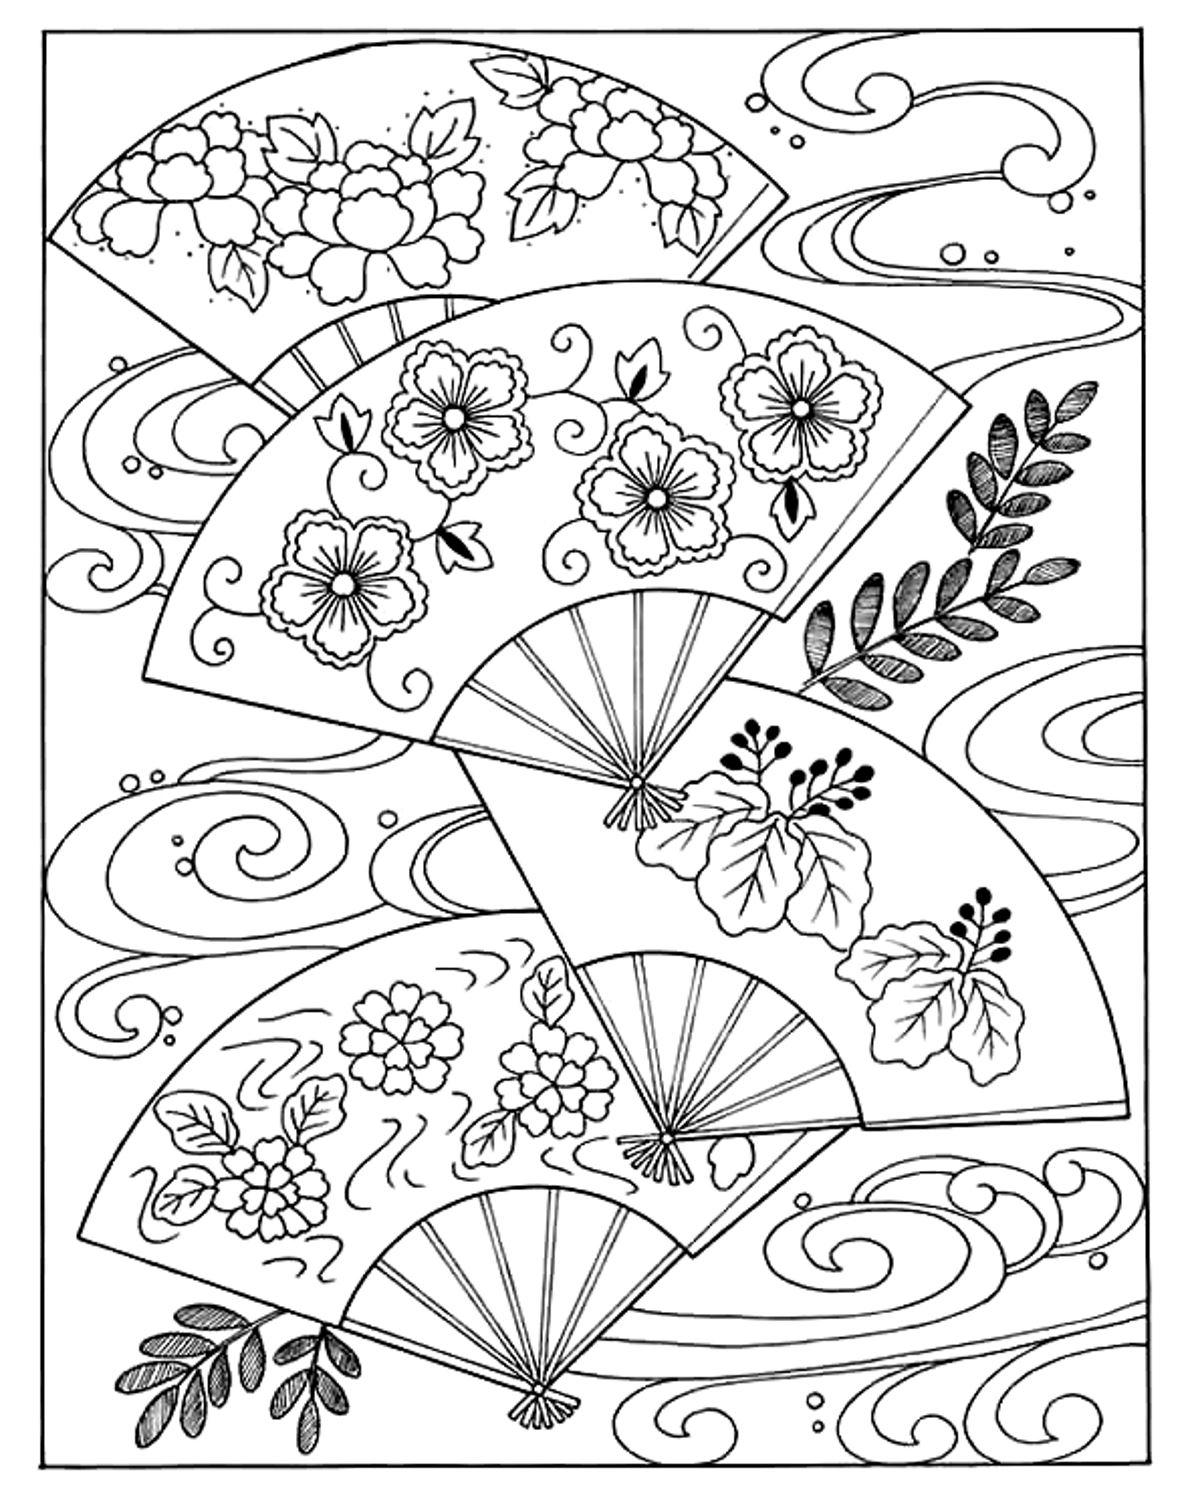 Japon coloriages difficiles pour adultes coloriage - Coloriage japon ...